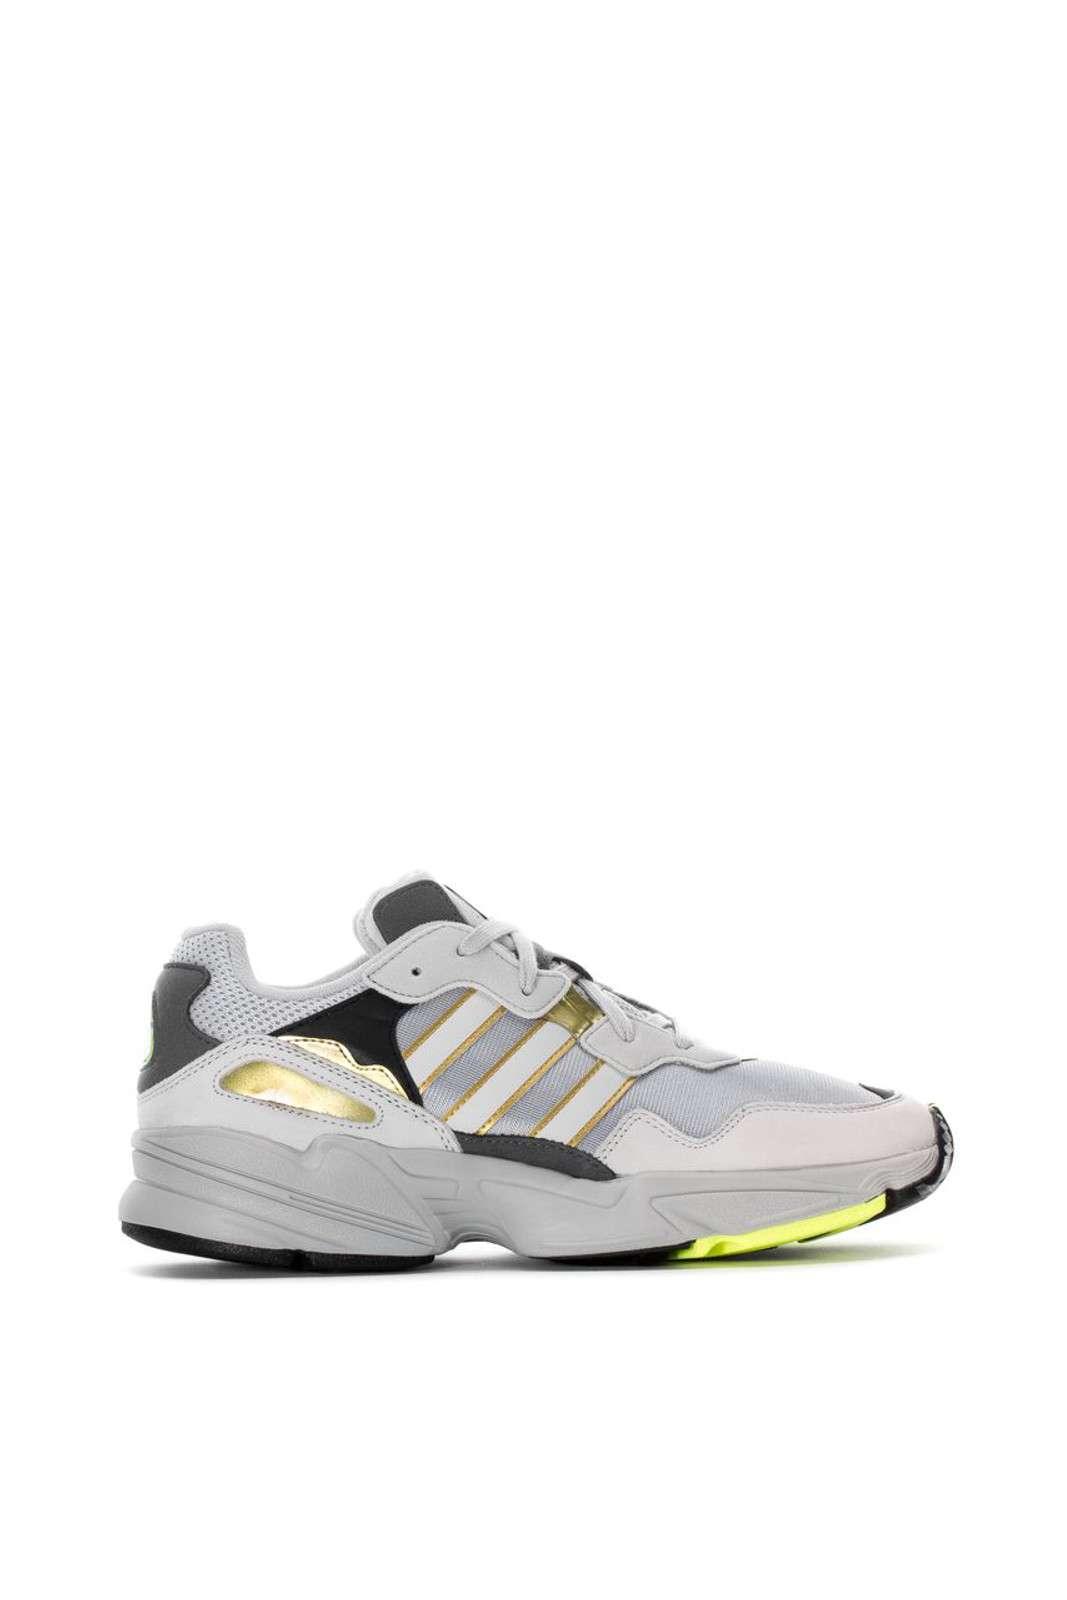 Una sneaker dal look retrò e iconico, l'Adidas YOUNG 96. Per l'uomo che ama calzature semplici, ma curate, da indossare per outfit quotidiani e casual.